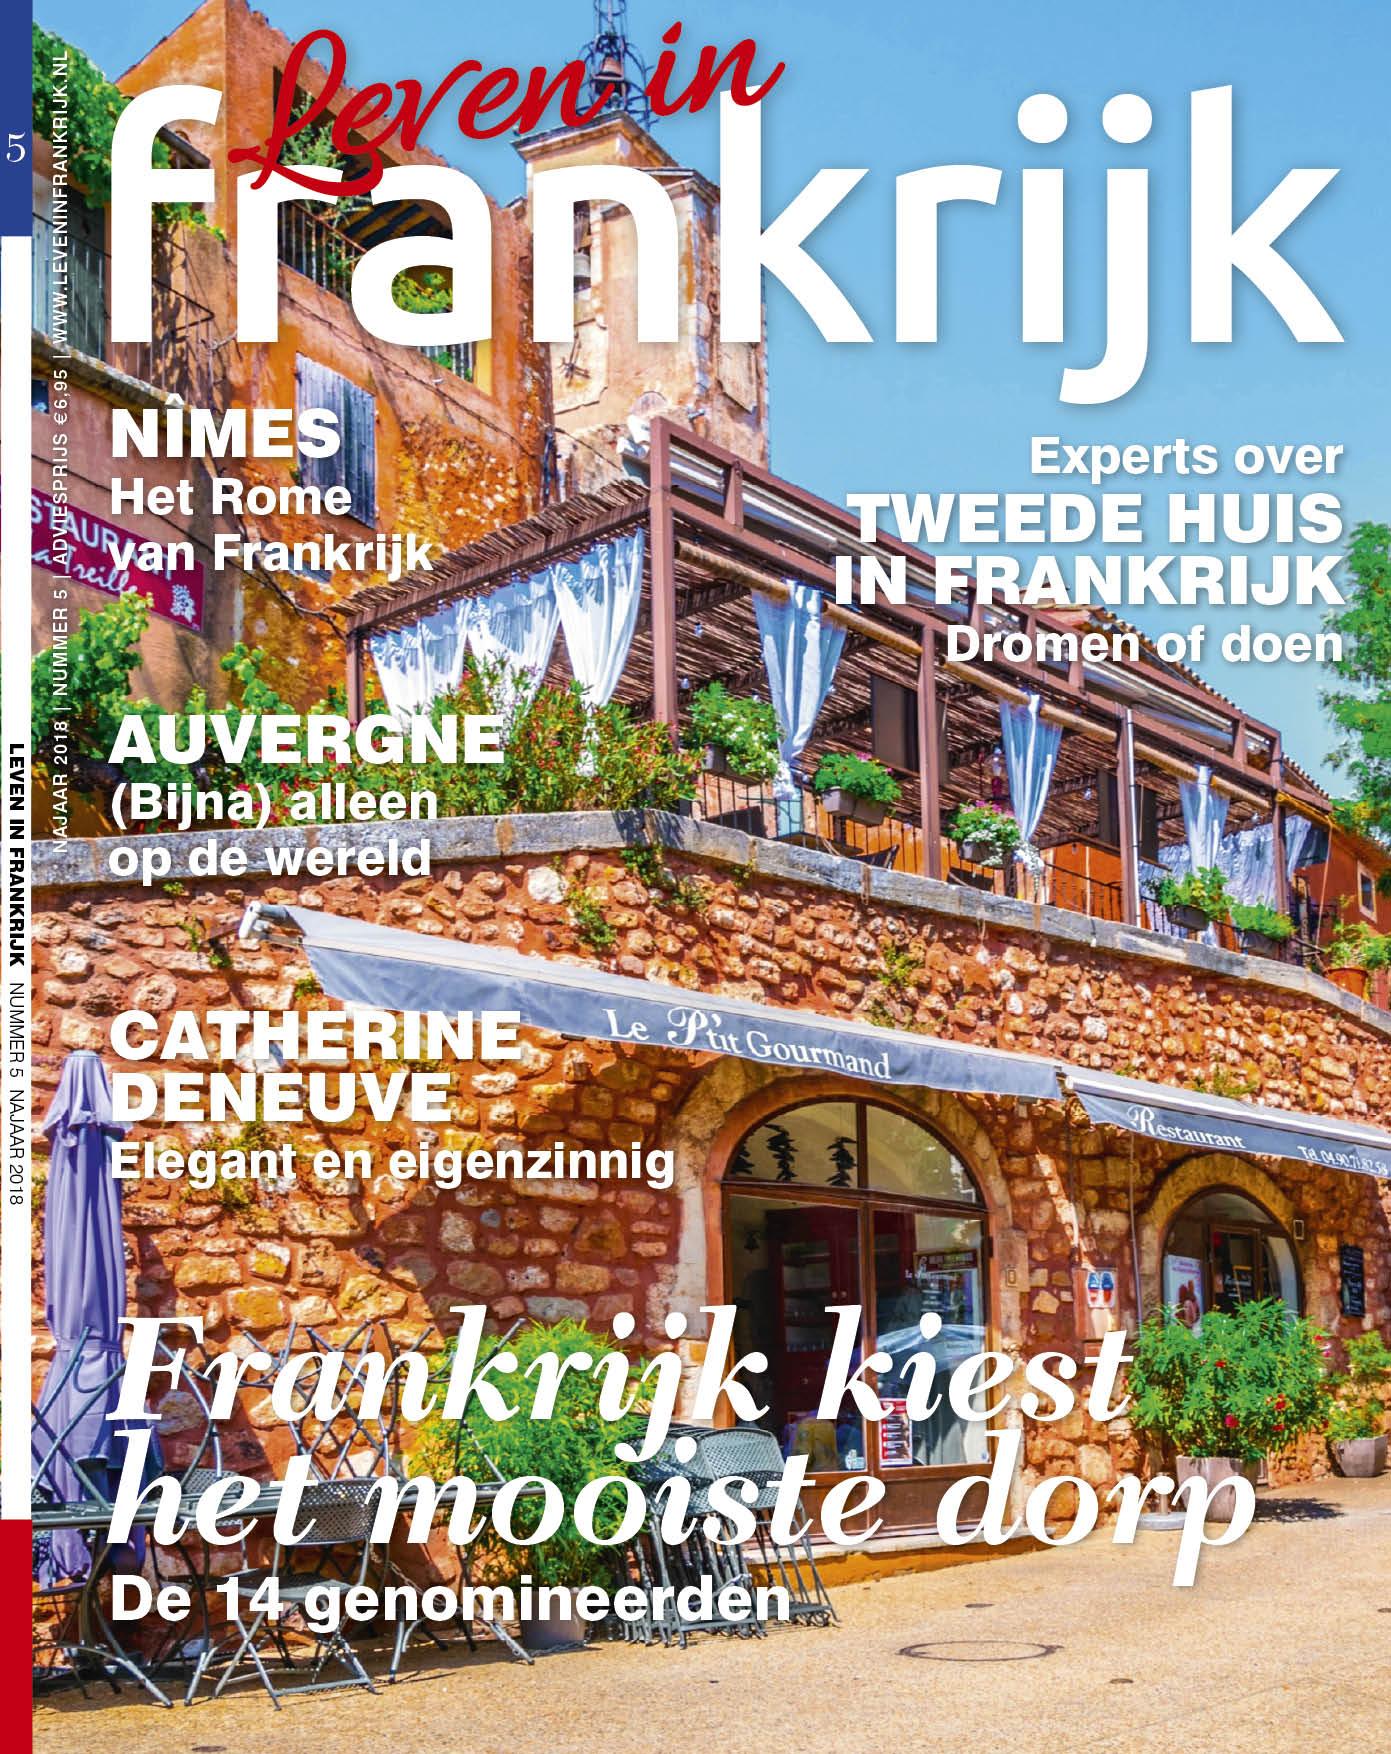 Afbeeldingsresultaat voor leven in frankrijk magazine nederland cover